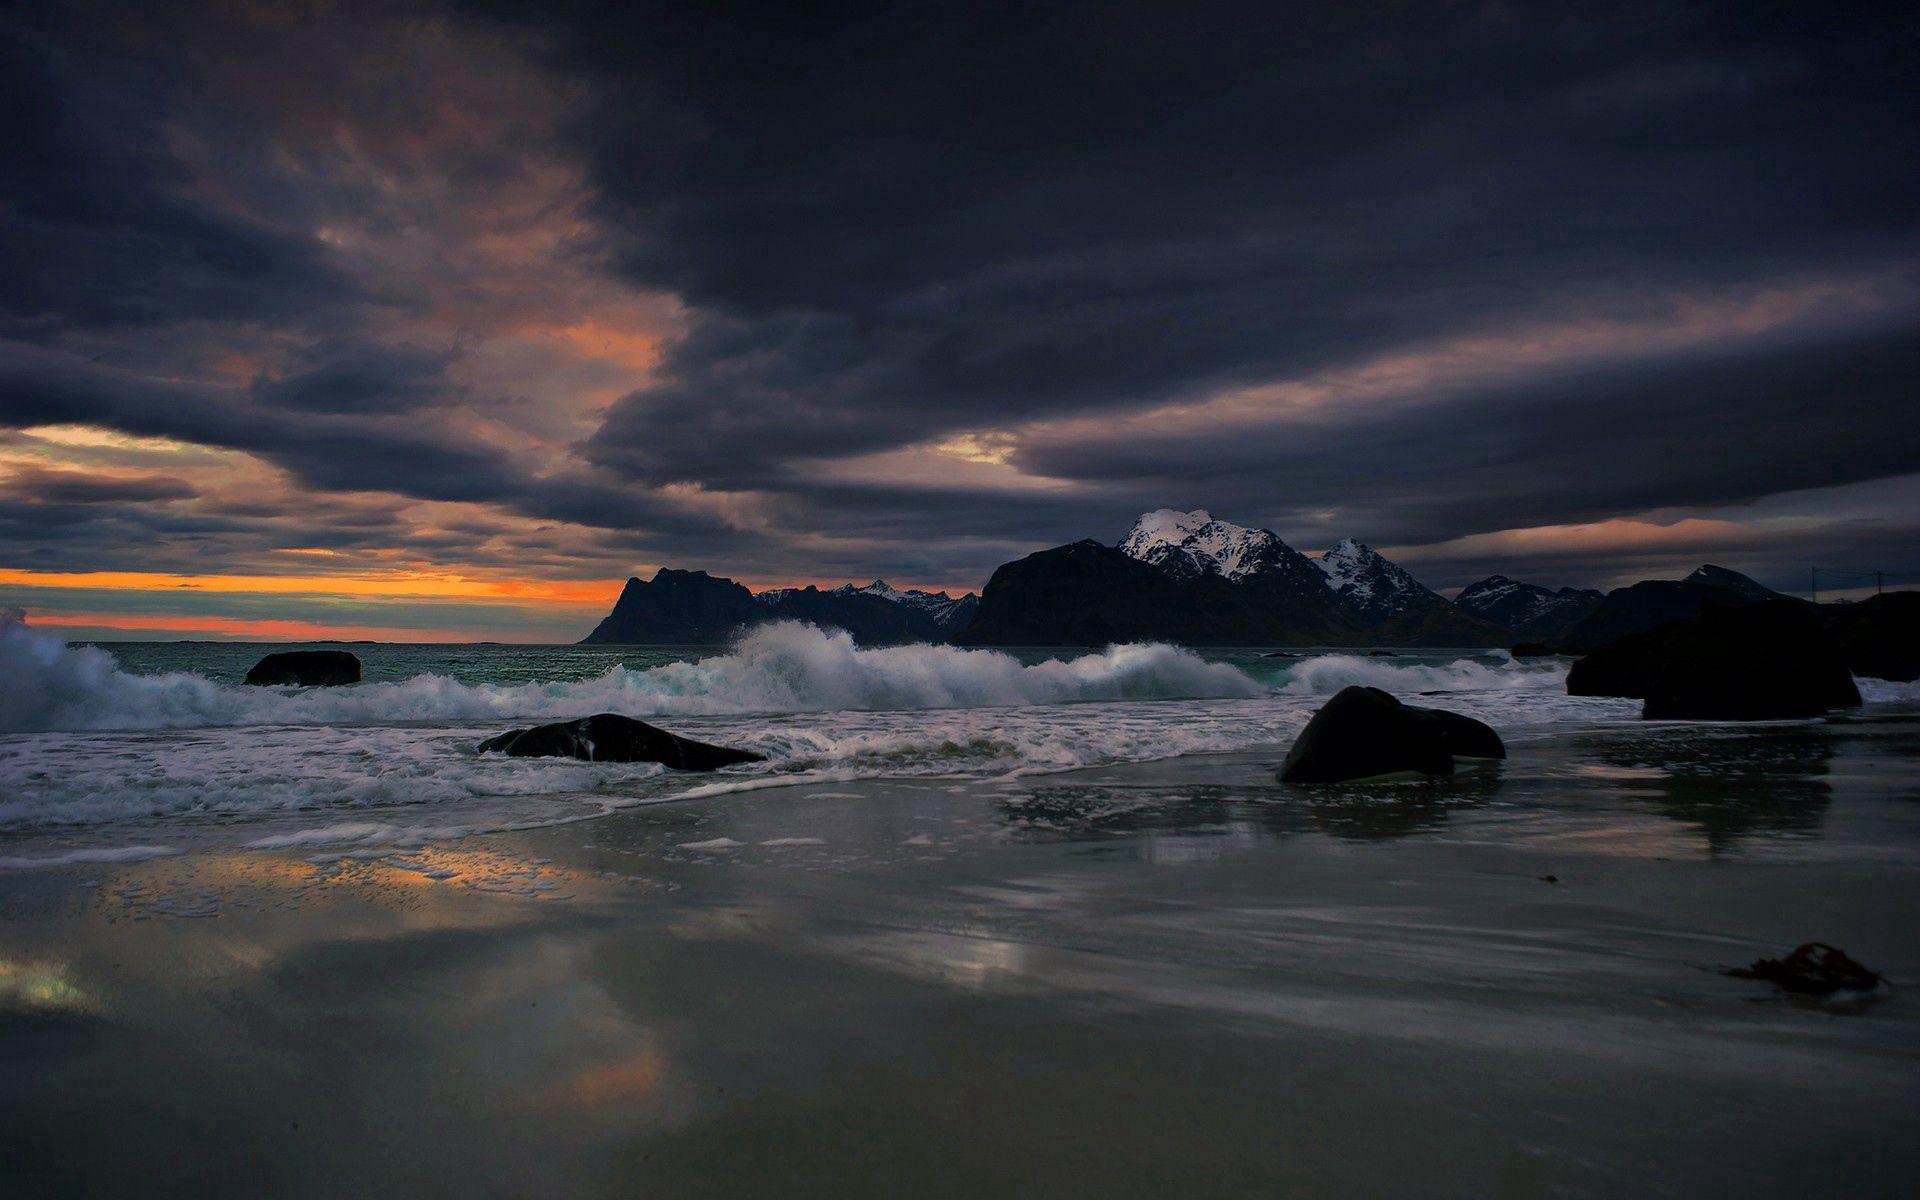 97445 скачать обои Море, Камни, Вечер, Природа, Вода, Брызги, Прибой - заставки и картинки бесплатно